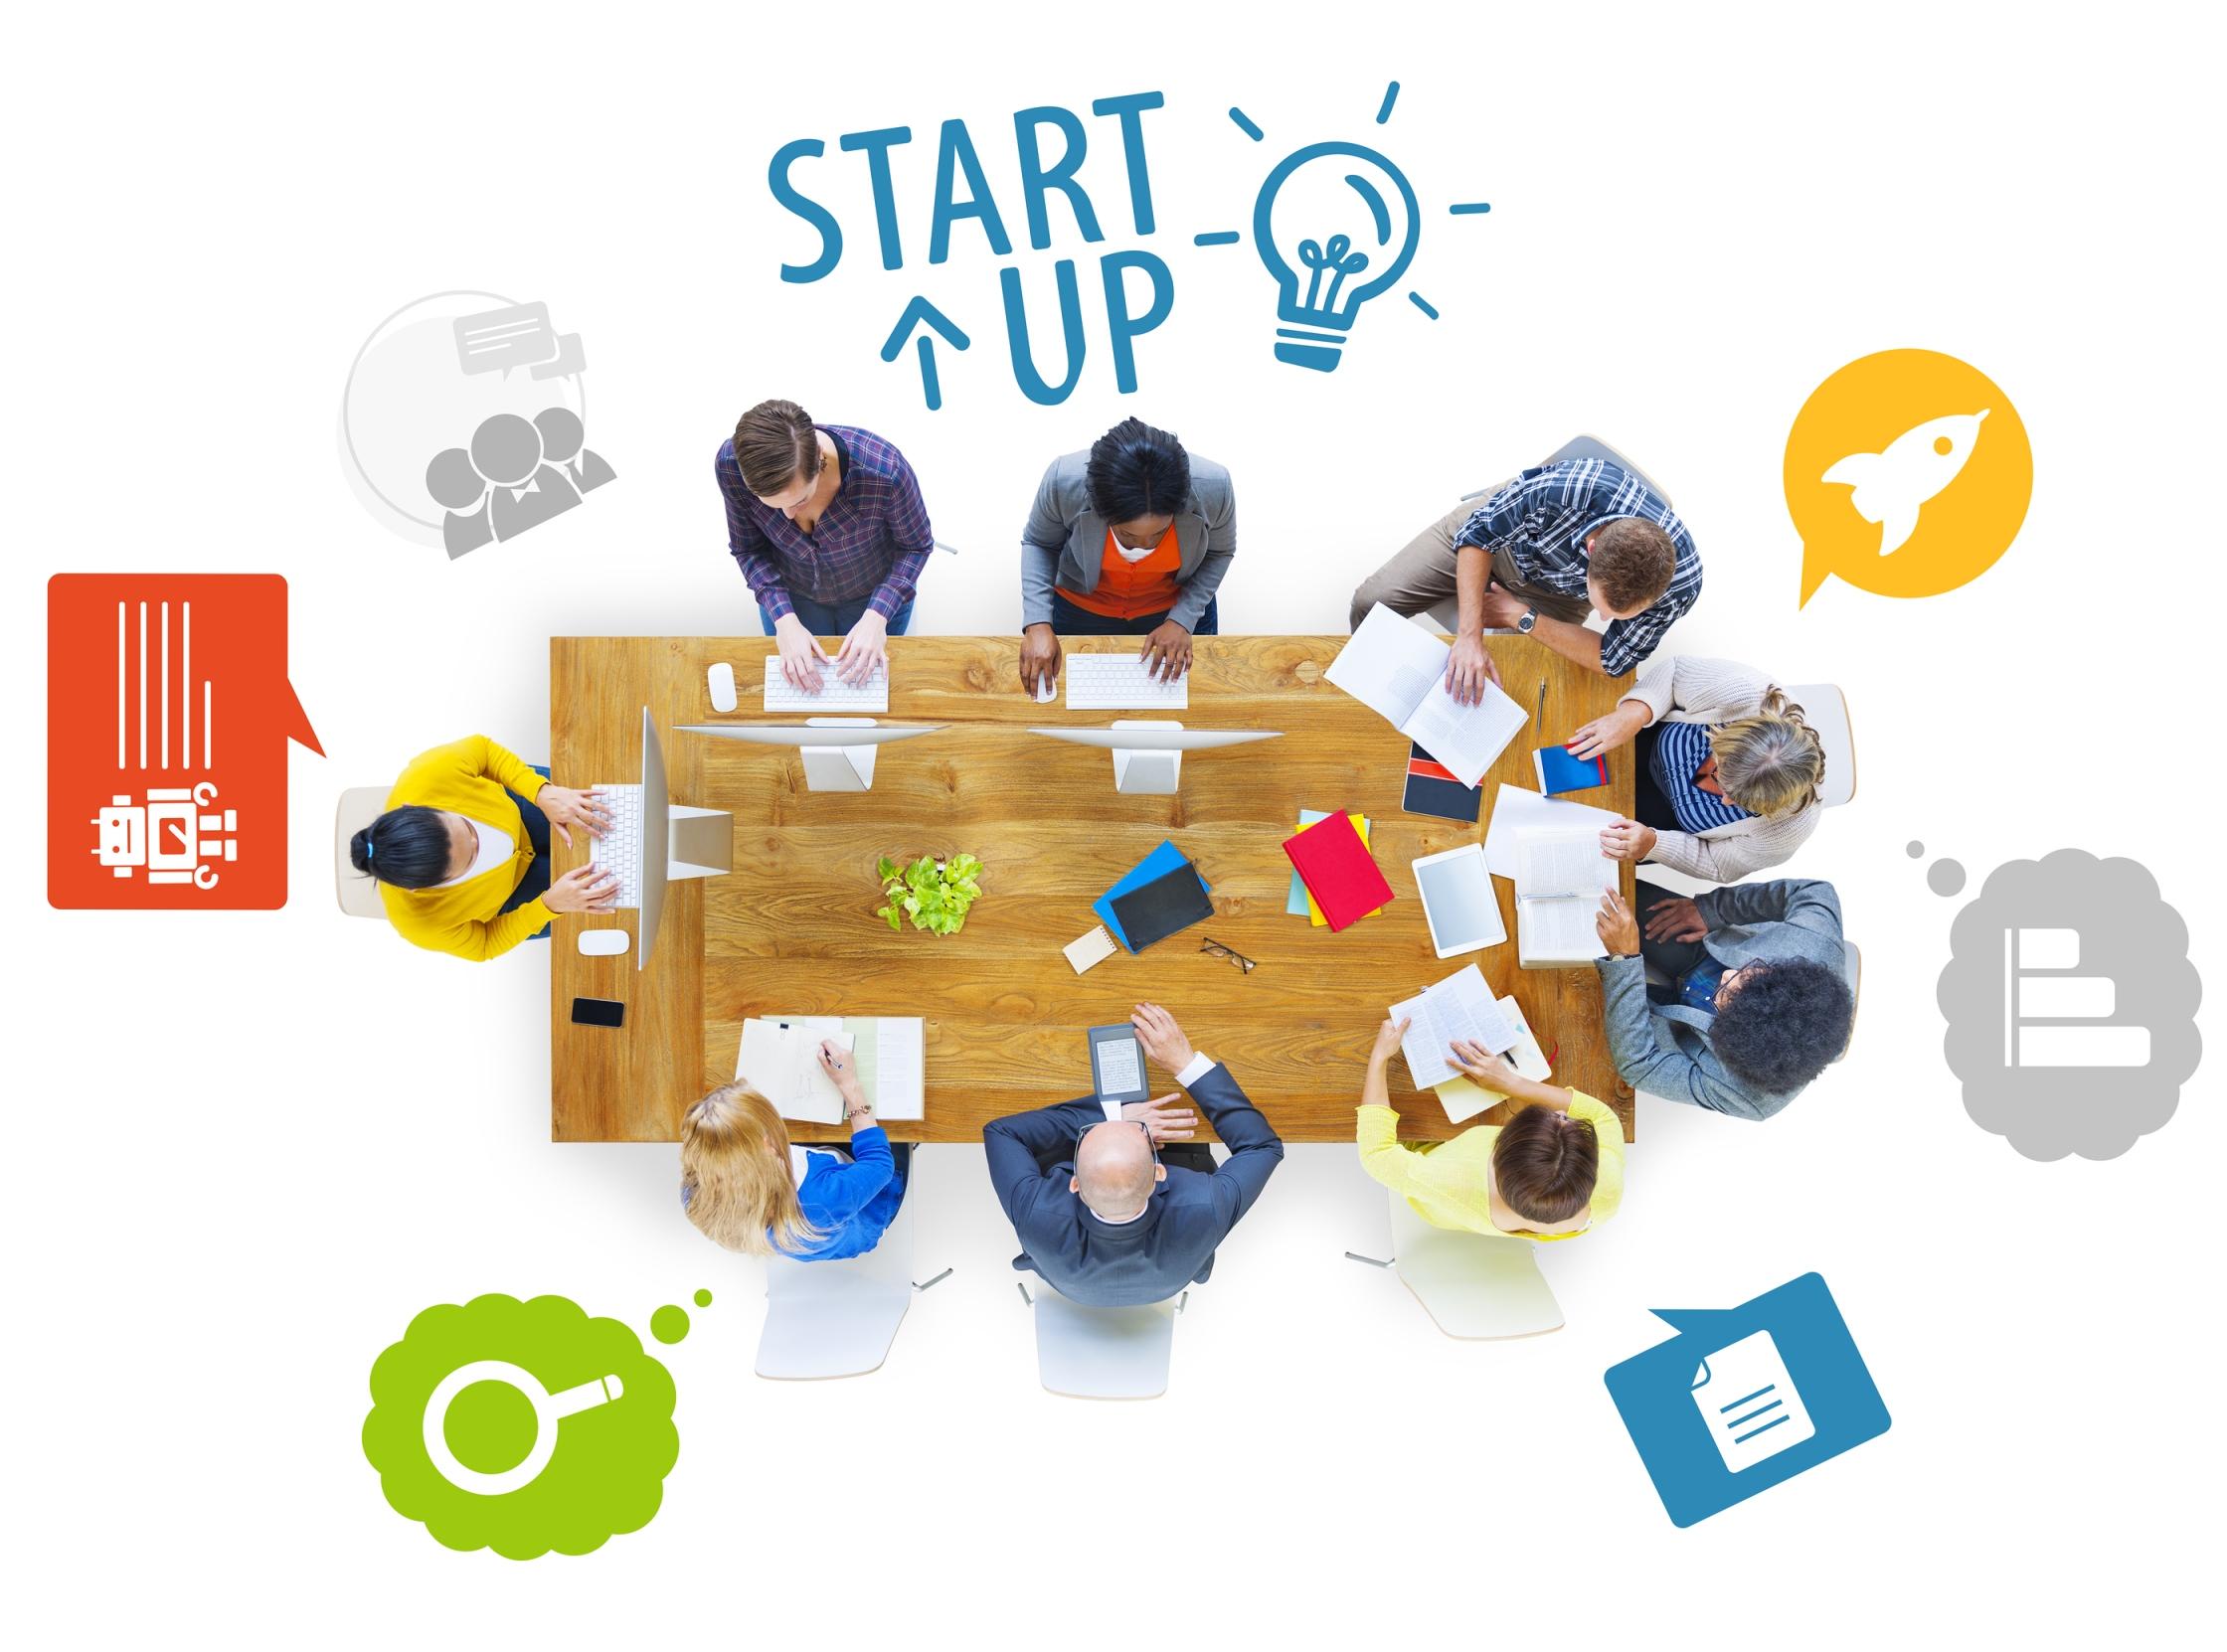 start-up-business-model.jpg